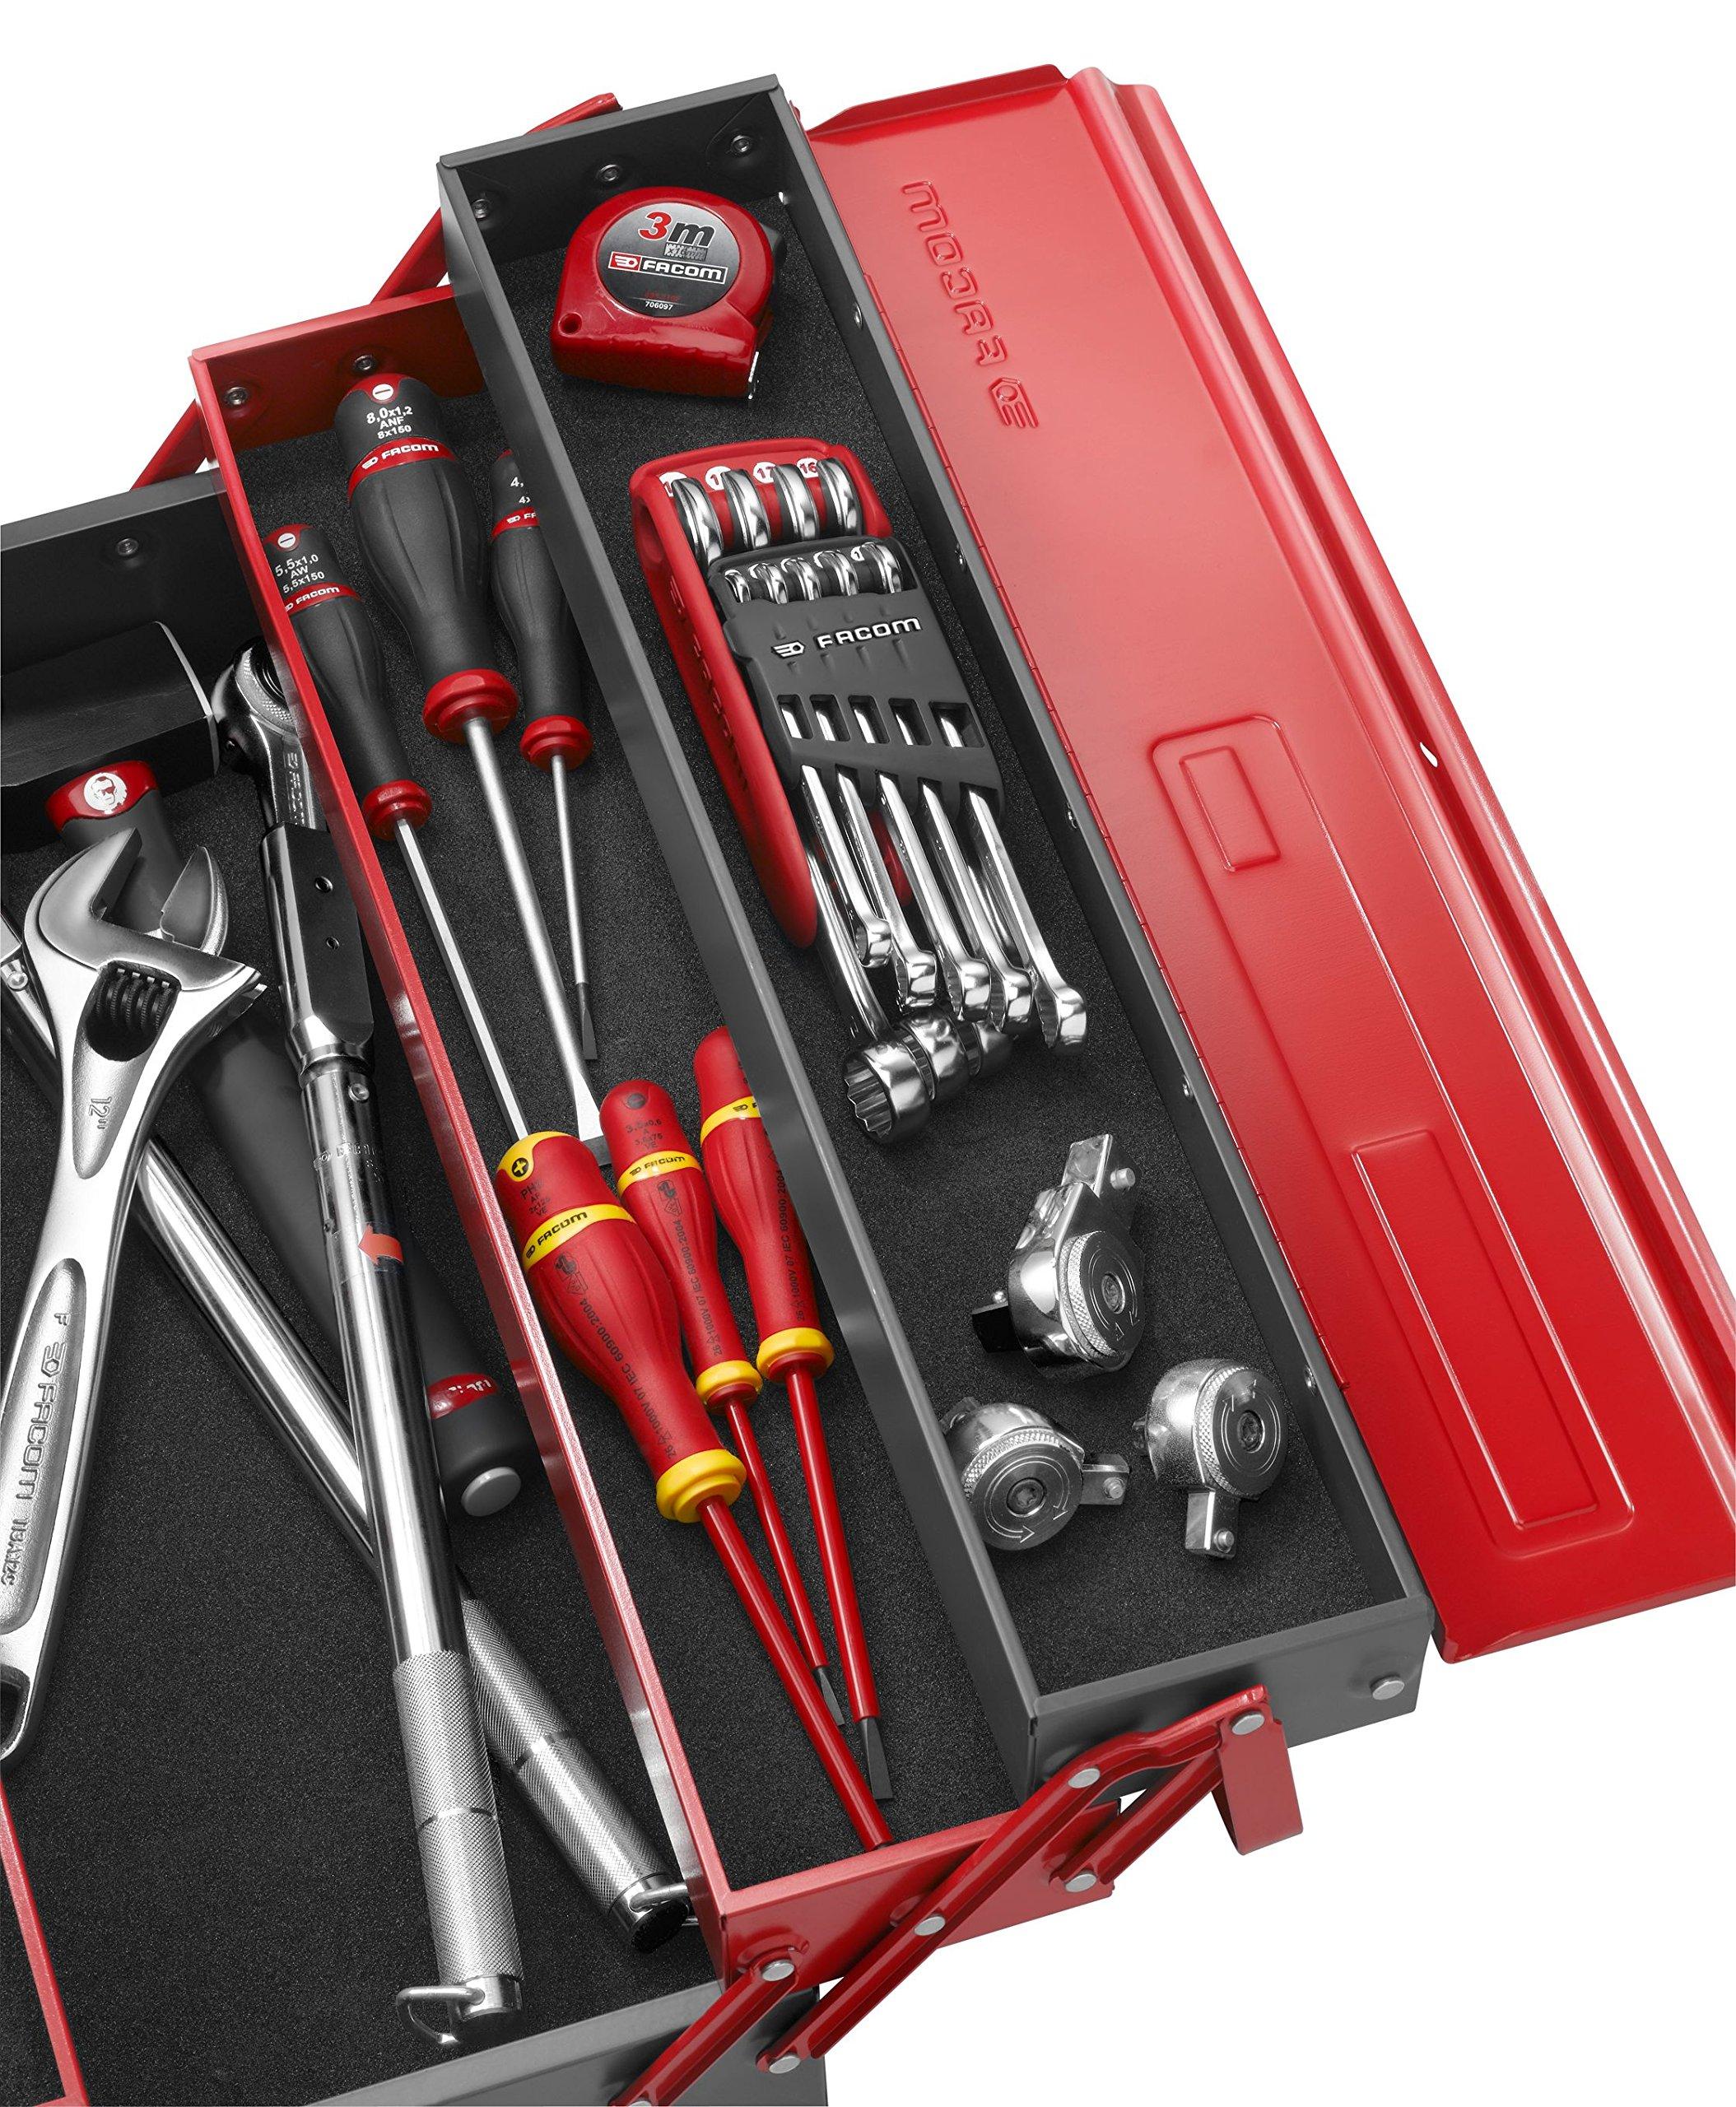 Facom BT.11A Caja metálica, 5 compartimientos: Amazon.es: Bricolaje y herramientas